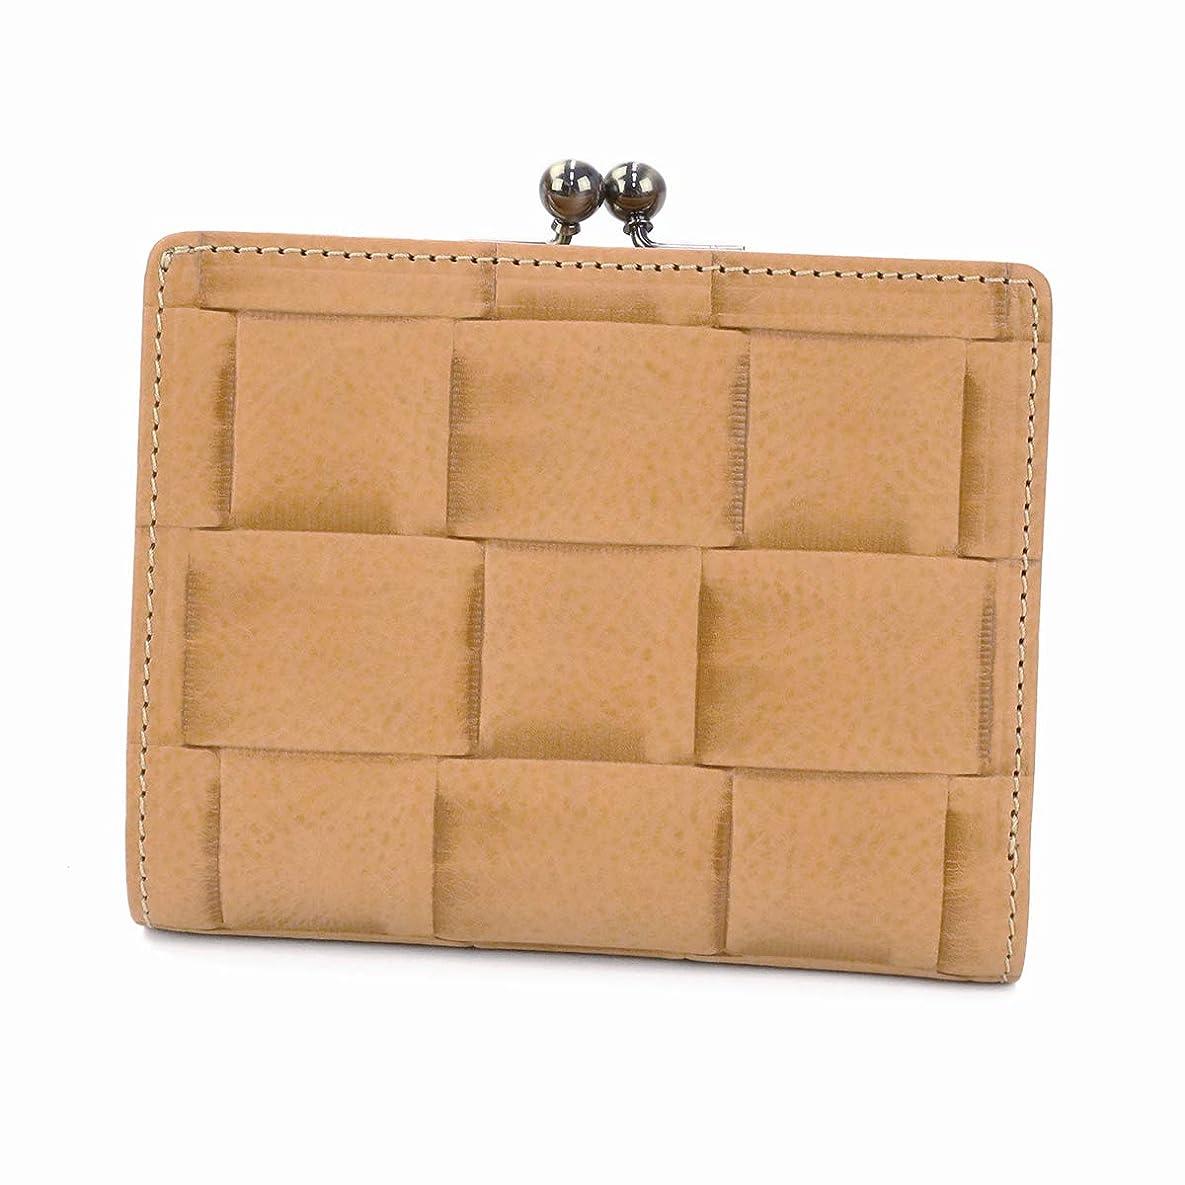 石の従順自動[アルベロ] 二つ折り財布 本革 マットーニ 4450 レディース